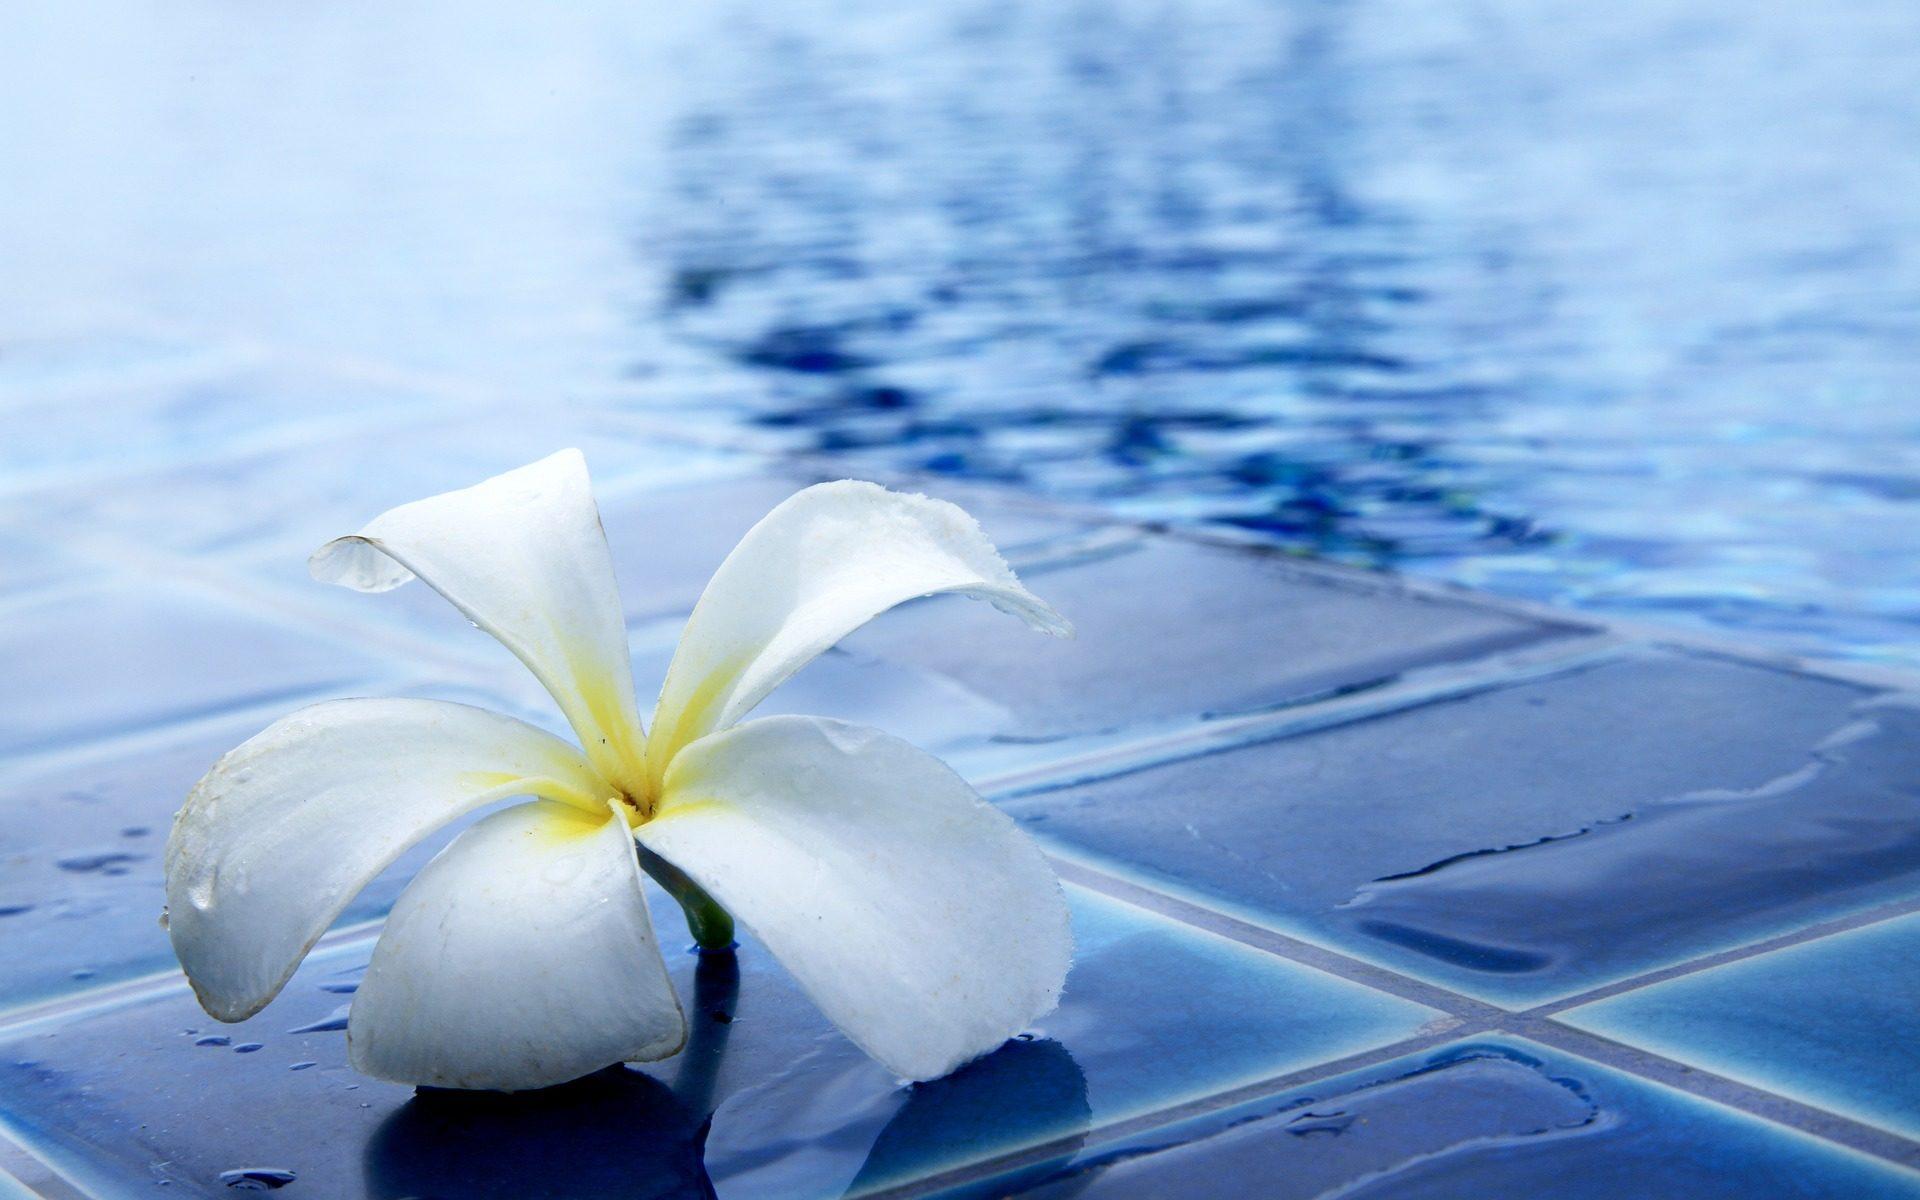 das Bild zeigt kristallklares Wasser in einem Schwimmbecken und eine Blüte eines Tempelbaumes